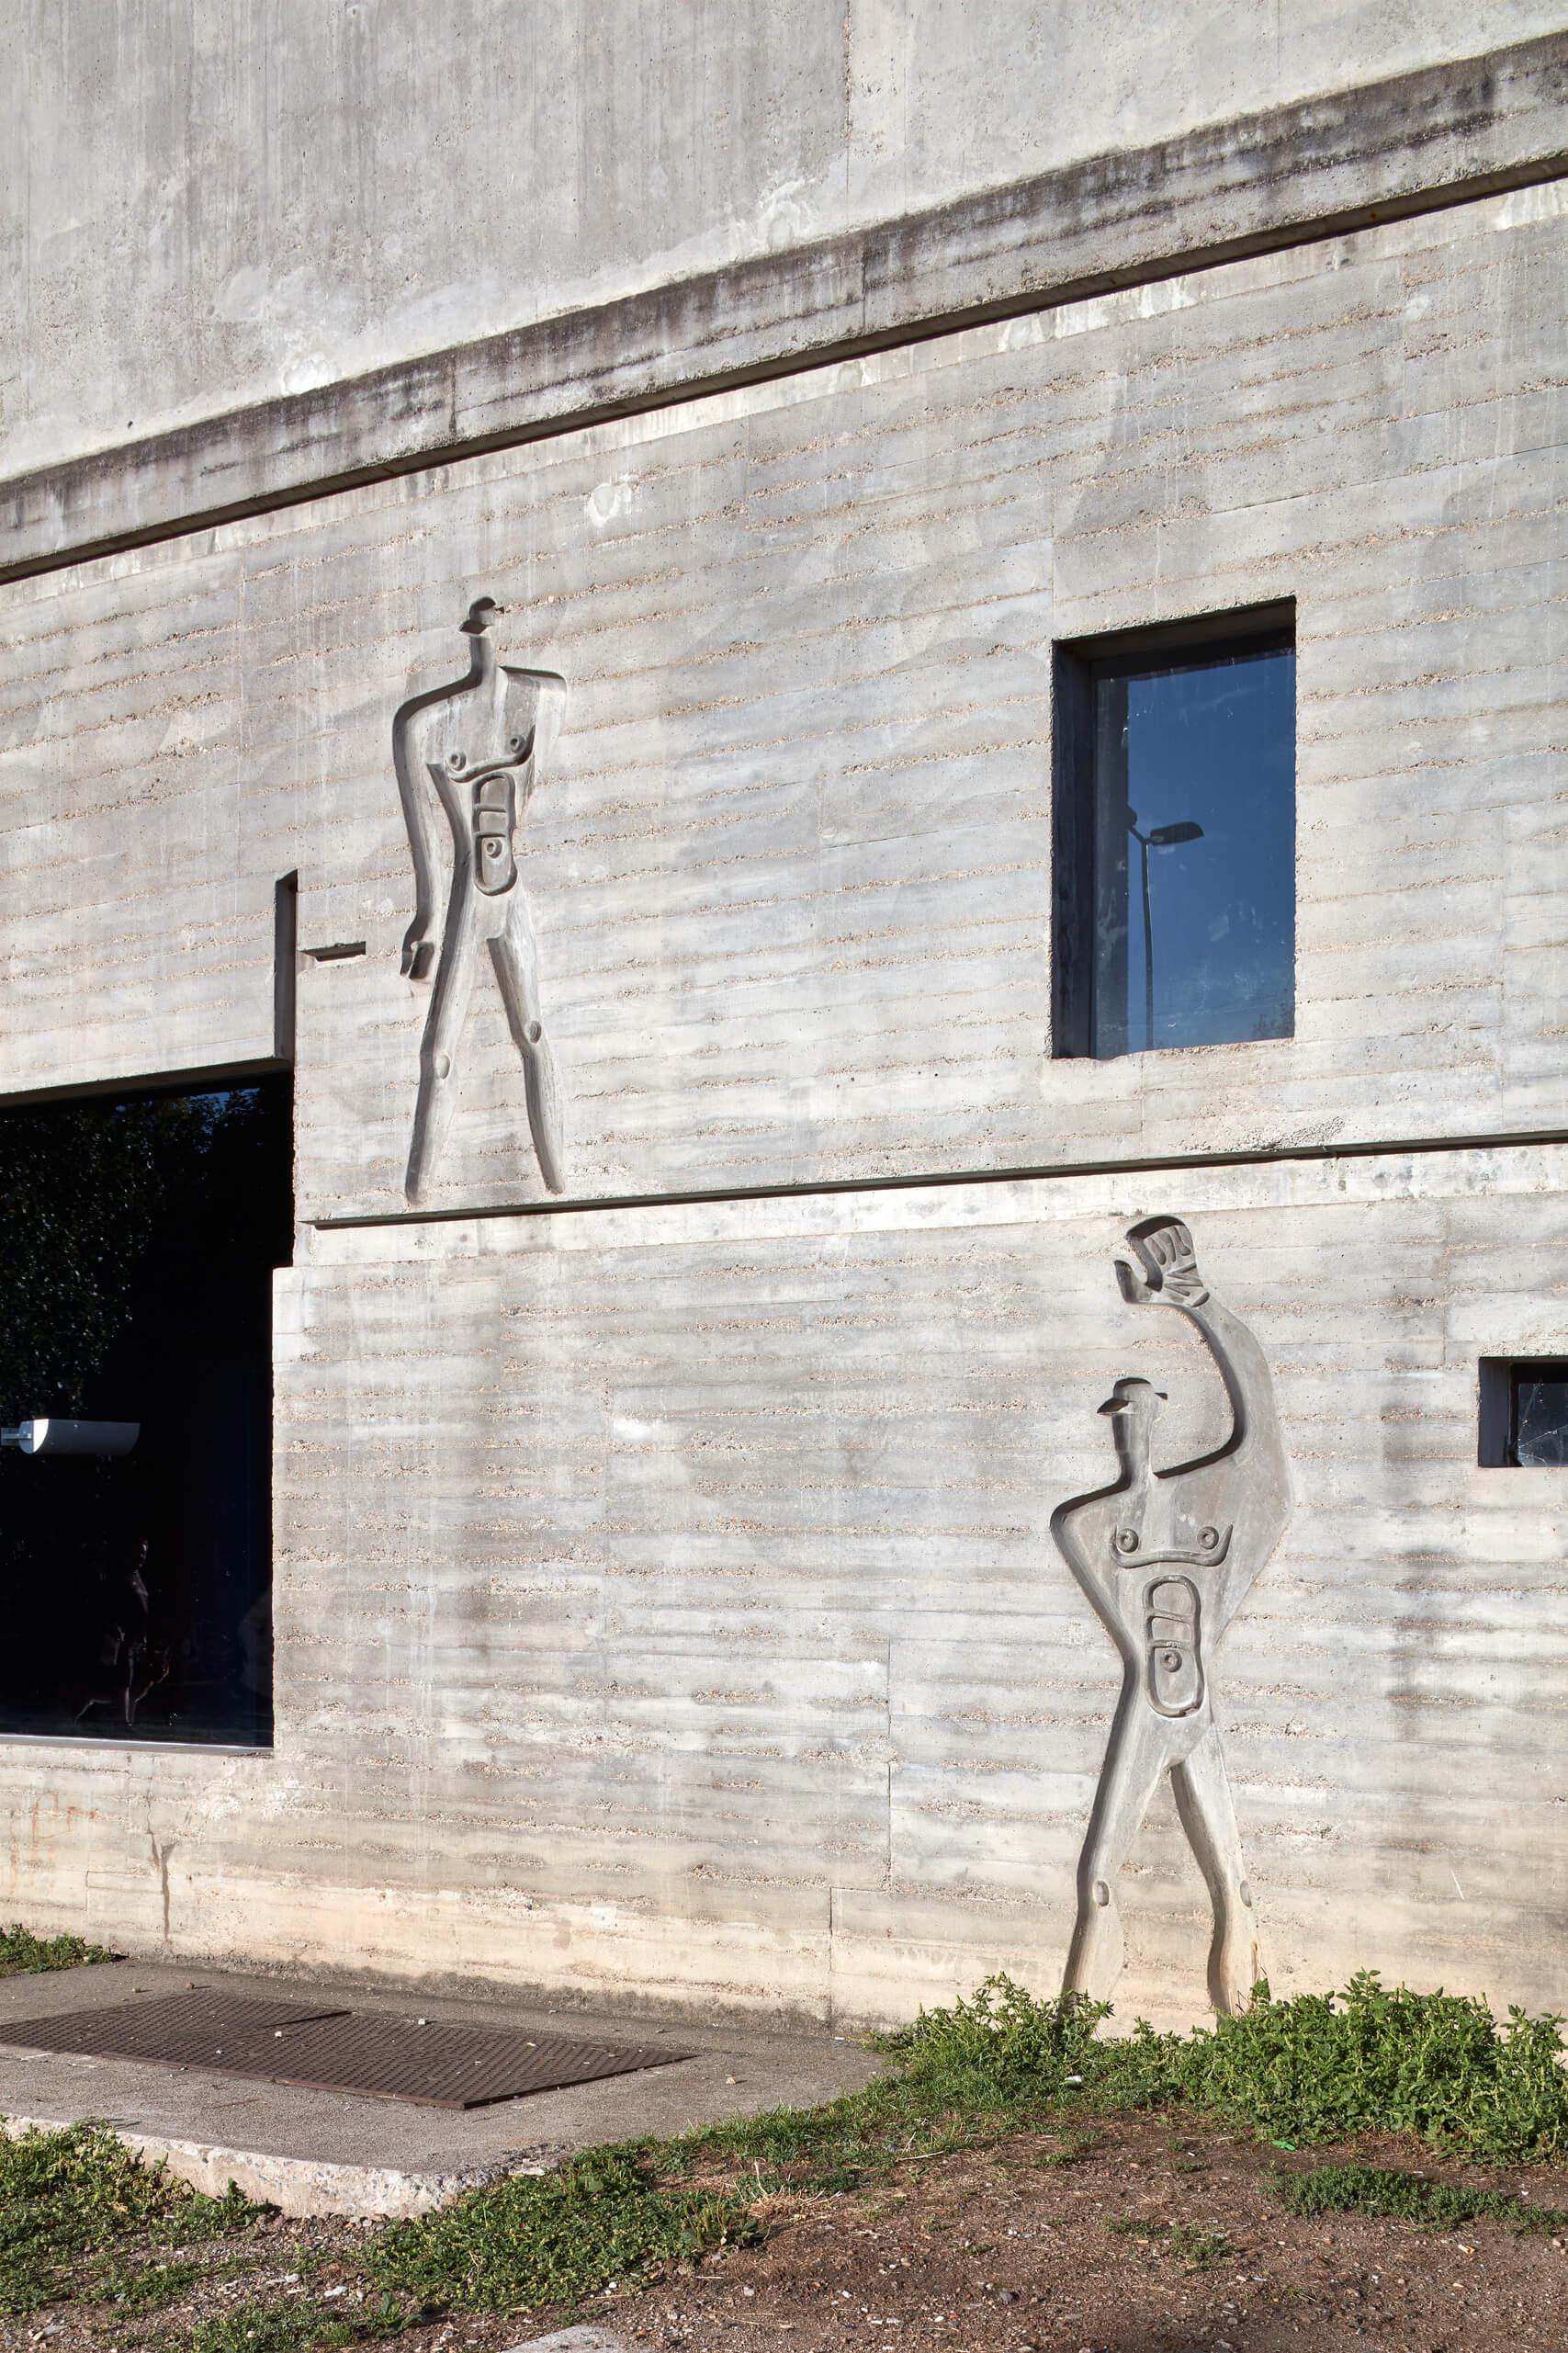 Federico_Covre_Unité_Firminy_Le_Corbusier_2018_20